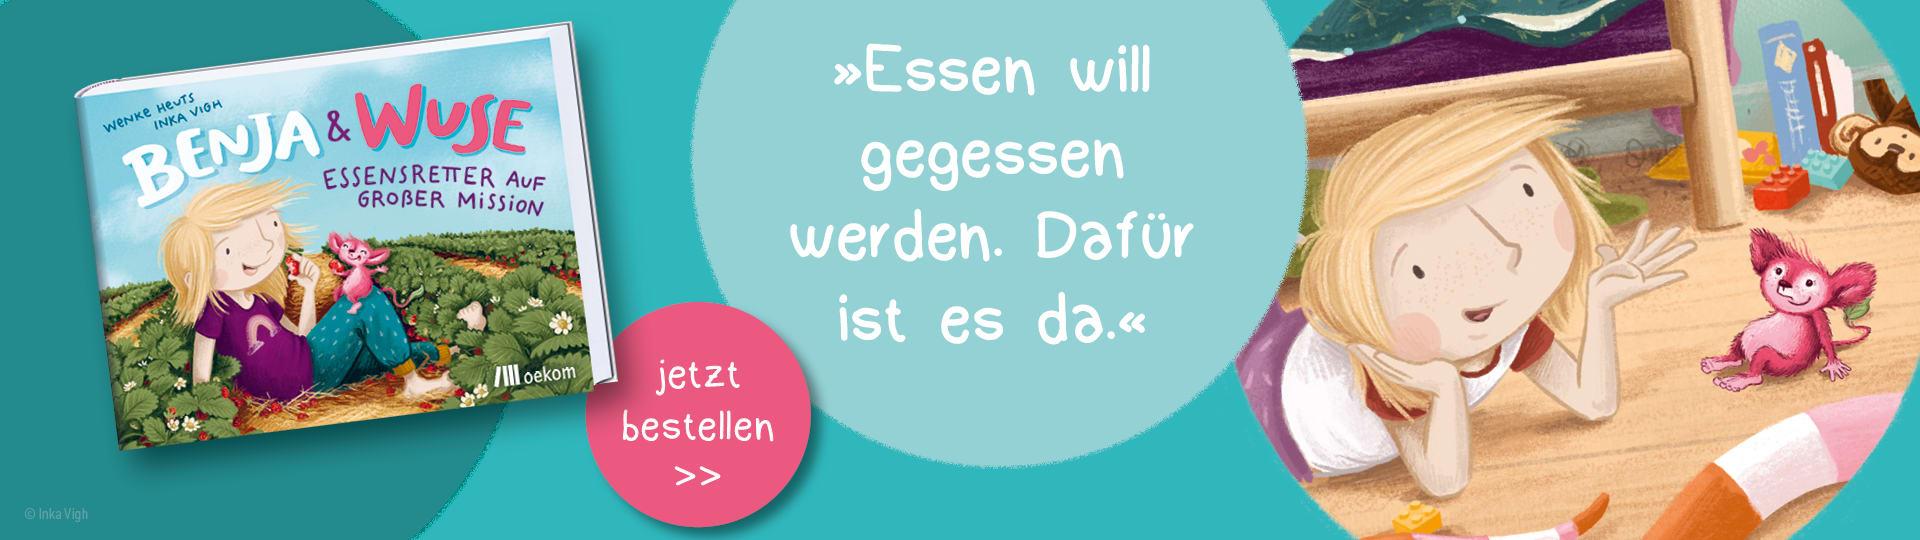 Werbebanner zum Kinderbuch »Benja & Wuse«